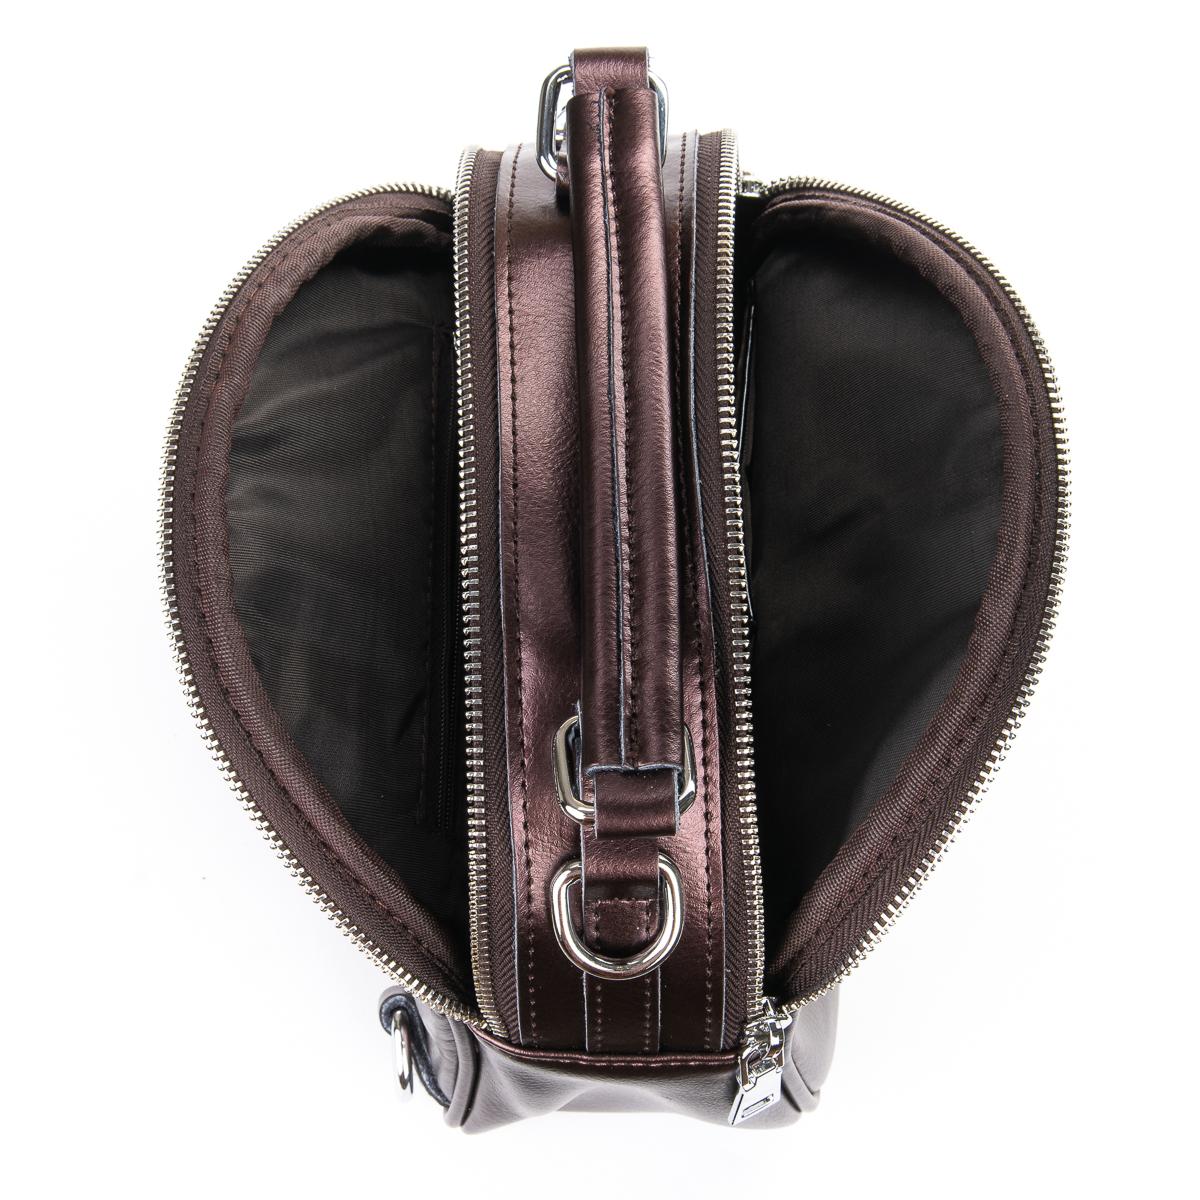 Сумка Женская Клатч кожа ALEX RAI 06-1 339 light-brown - фото 5